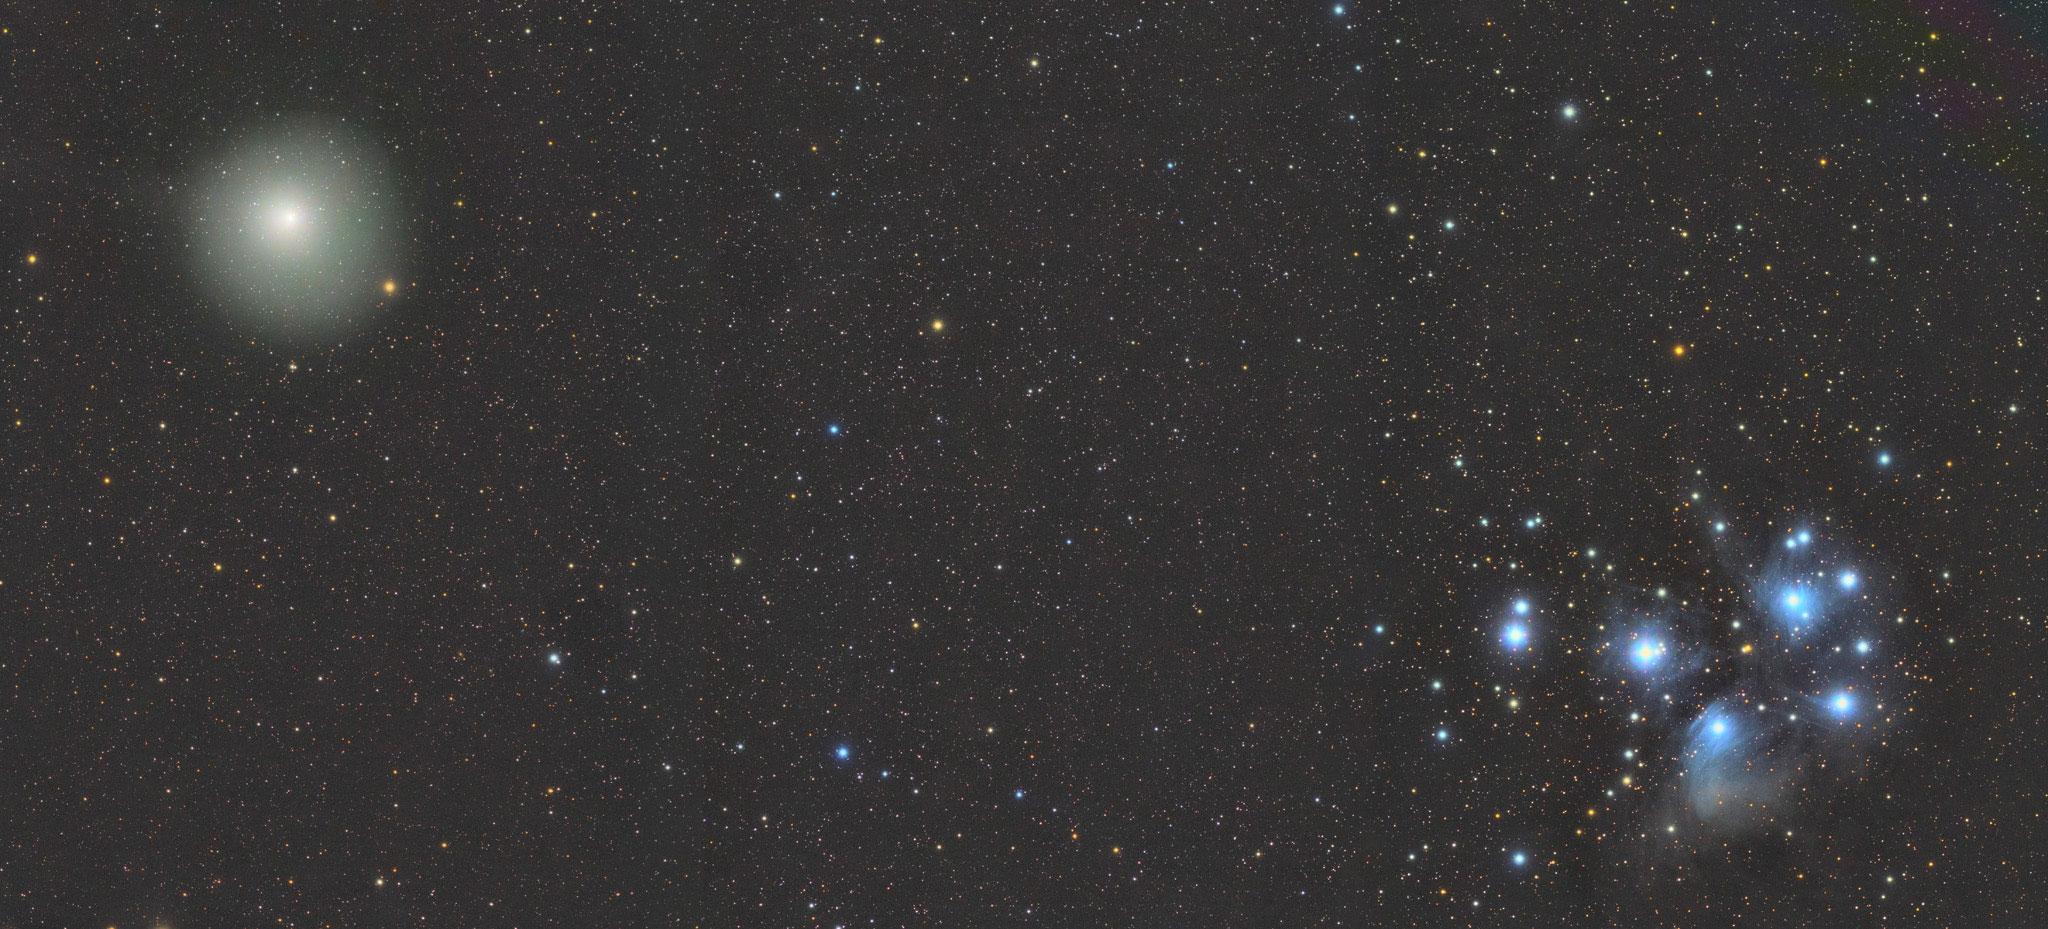 M45 et 46P/Wirtanen, Fabien, lunette 71, Sadr Chili